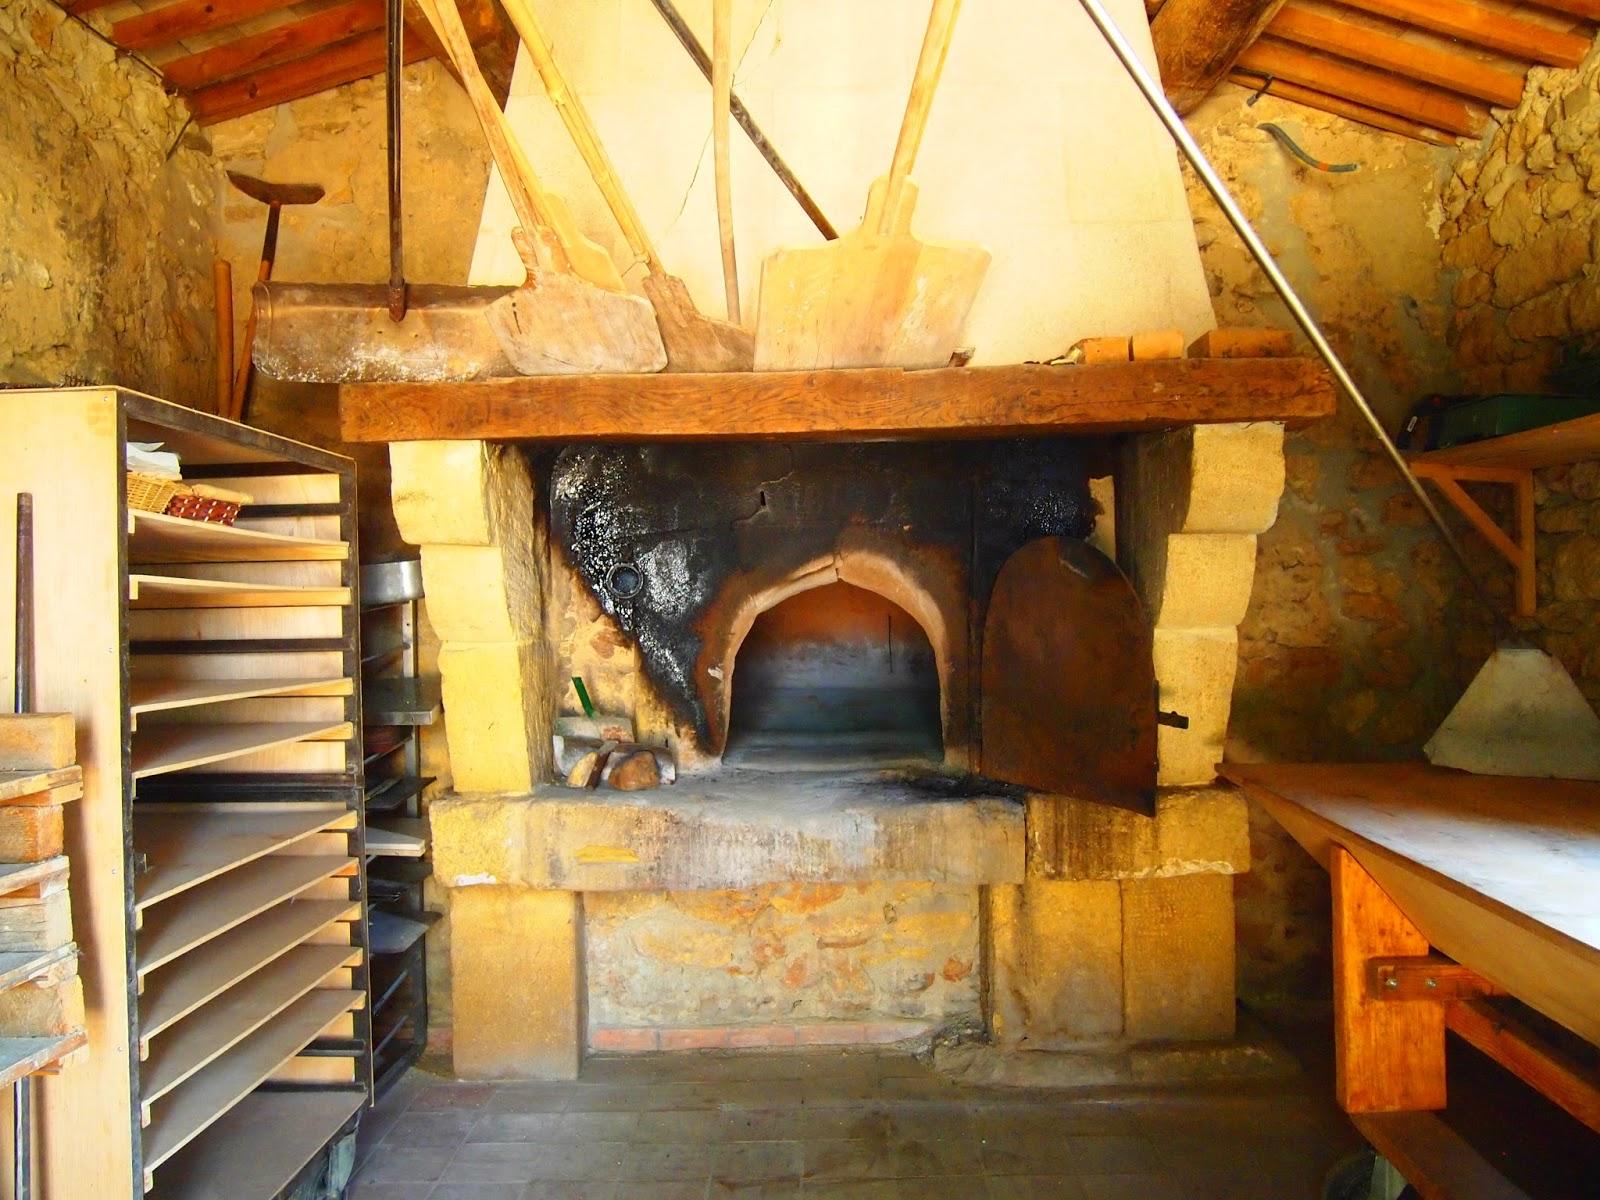 そして自家製のパンをこれで焼いています